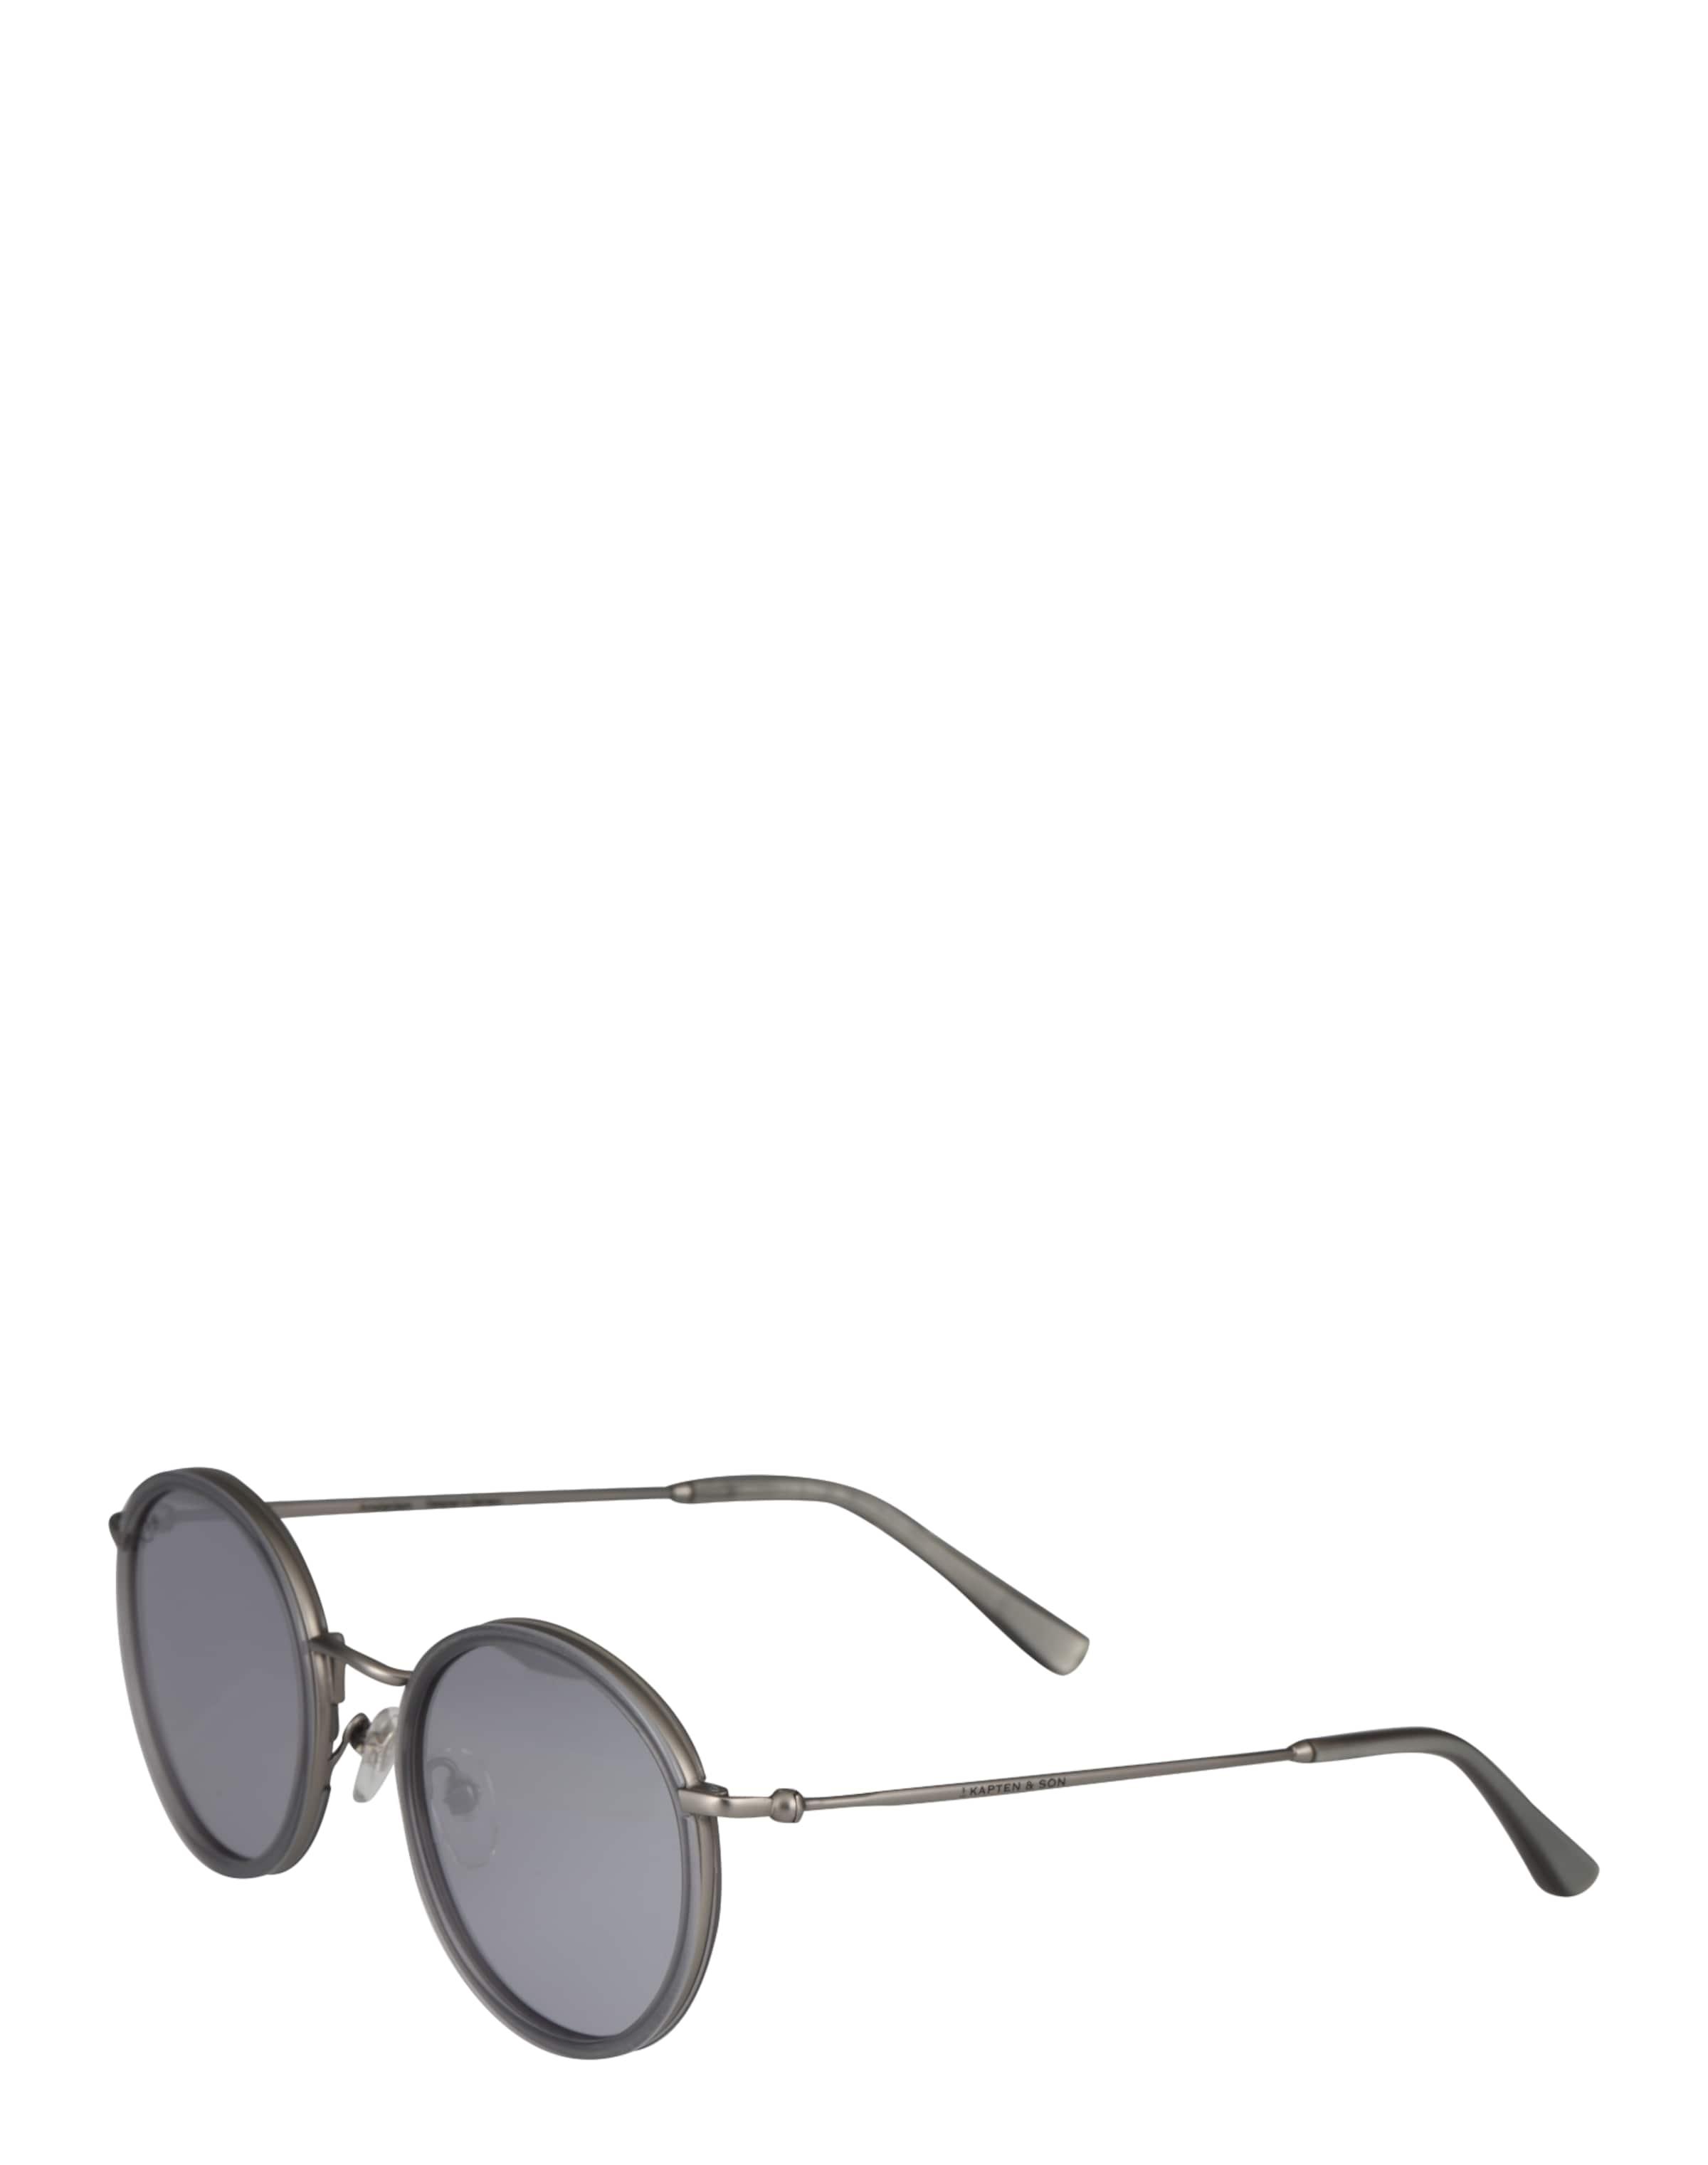 Top-Qualität Zum Verkauf Kapten & Son Sonnenbrille 'Amsterdam' Verkauf Großhandelspreis uZ1qJ3W6j